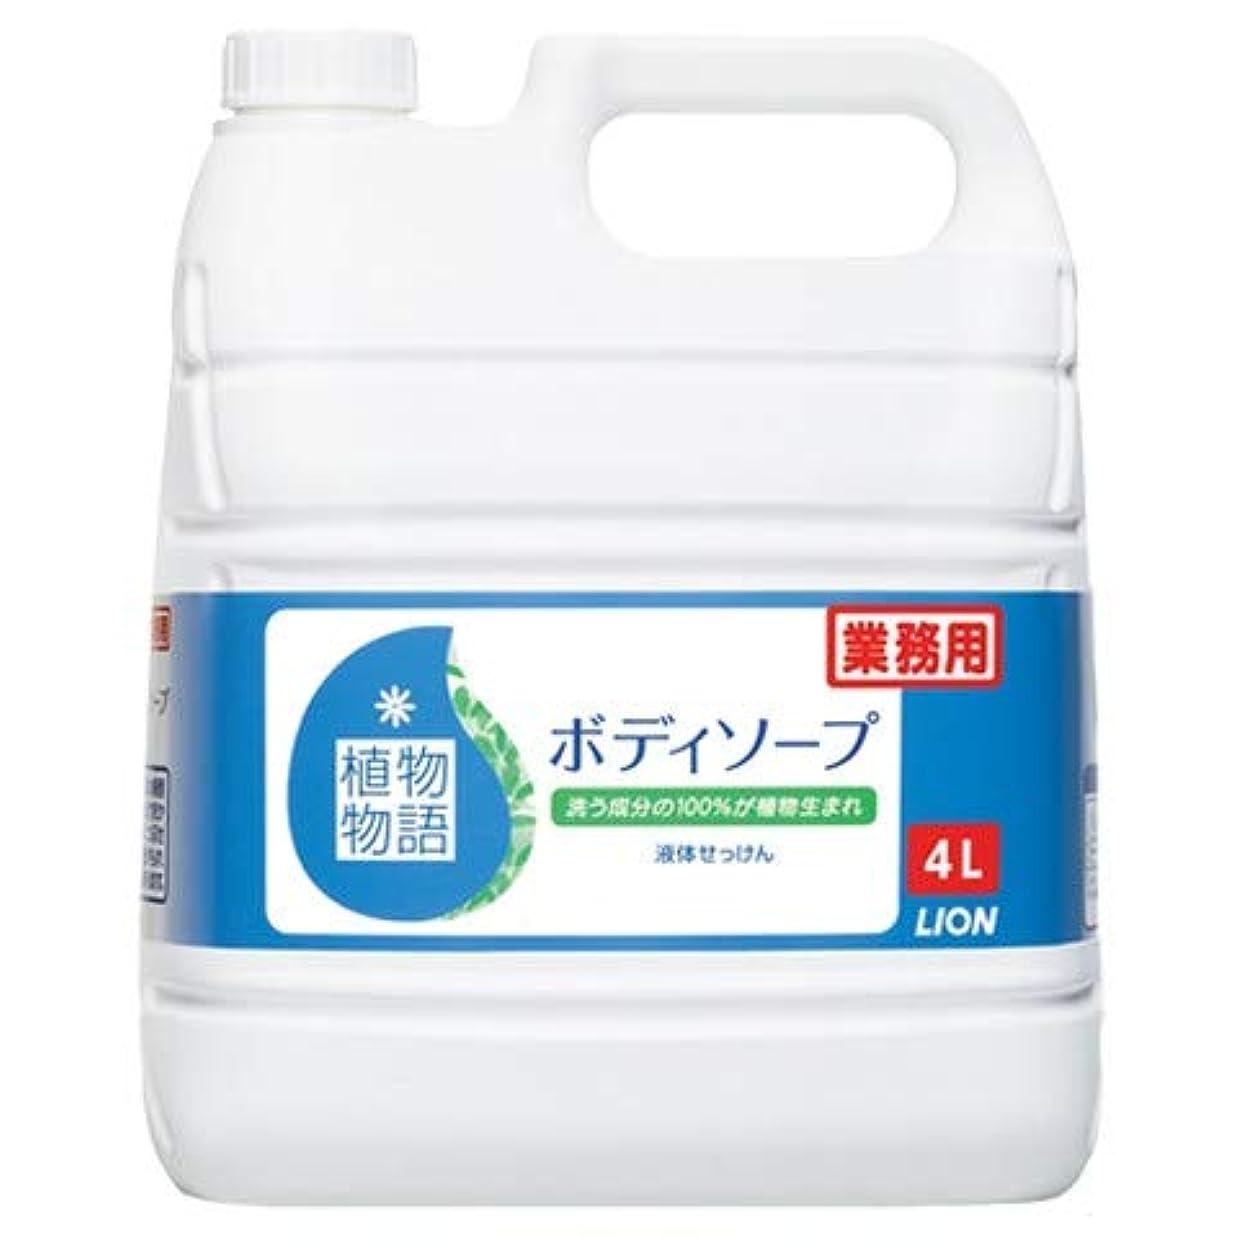 魅力パドル花ライオン 植物物語ボディソープ 業務用 4L